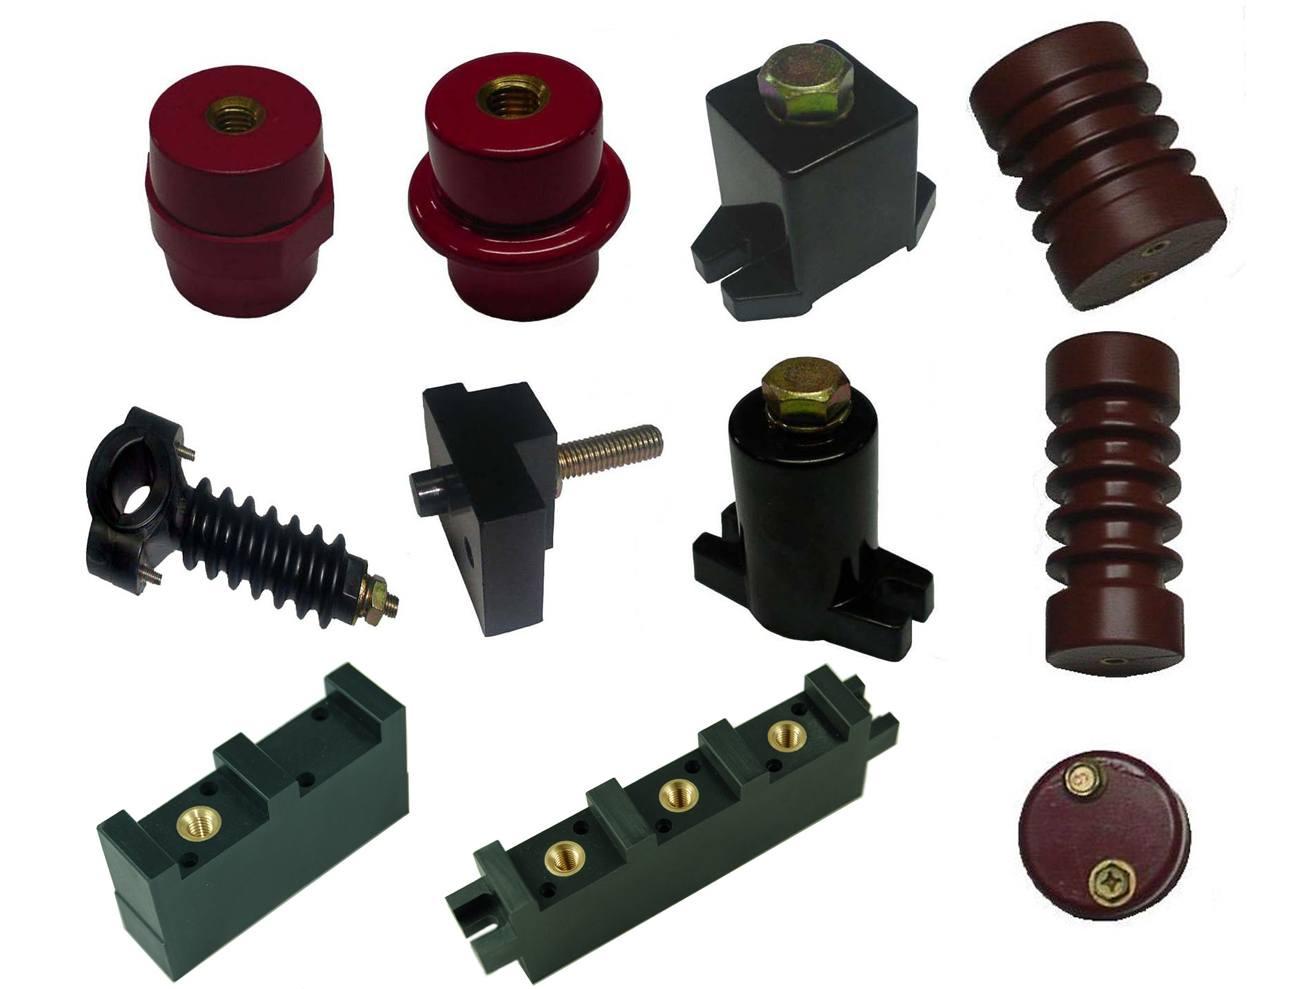 High Voltage Insulator Failures : 絕緣礙子 台灣高品質絕緣礙子製造商 享曆工業股份有限公司